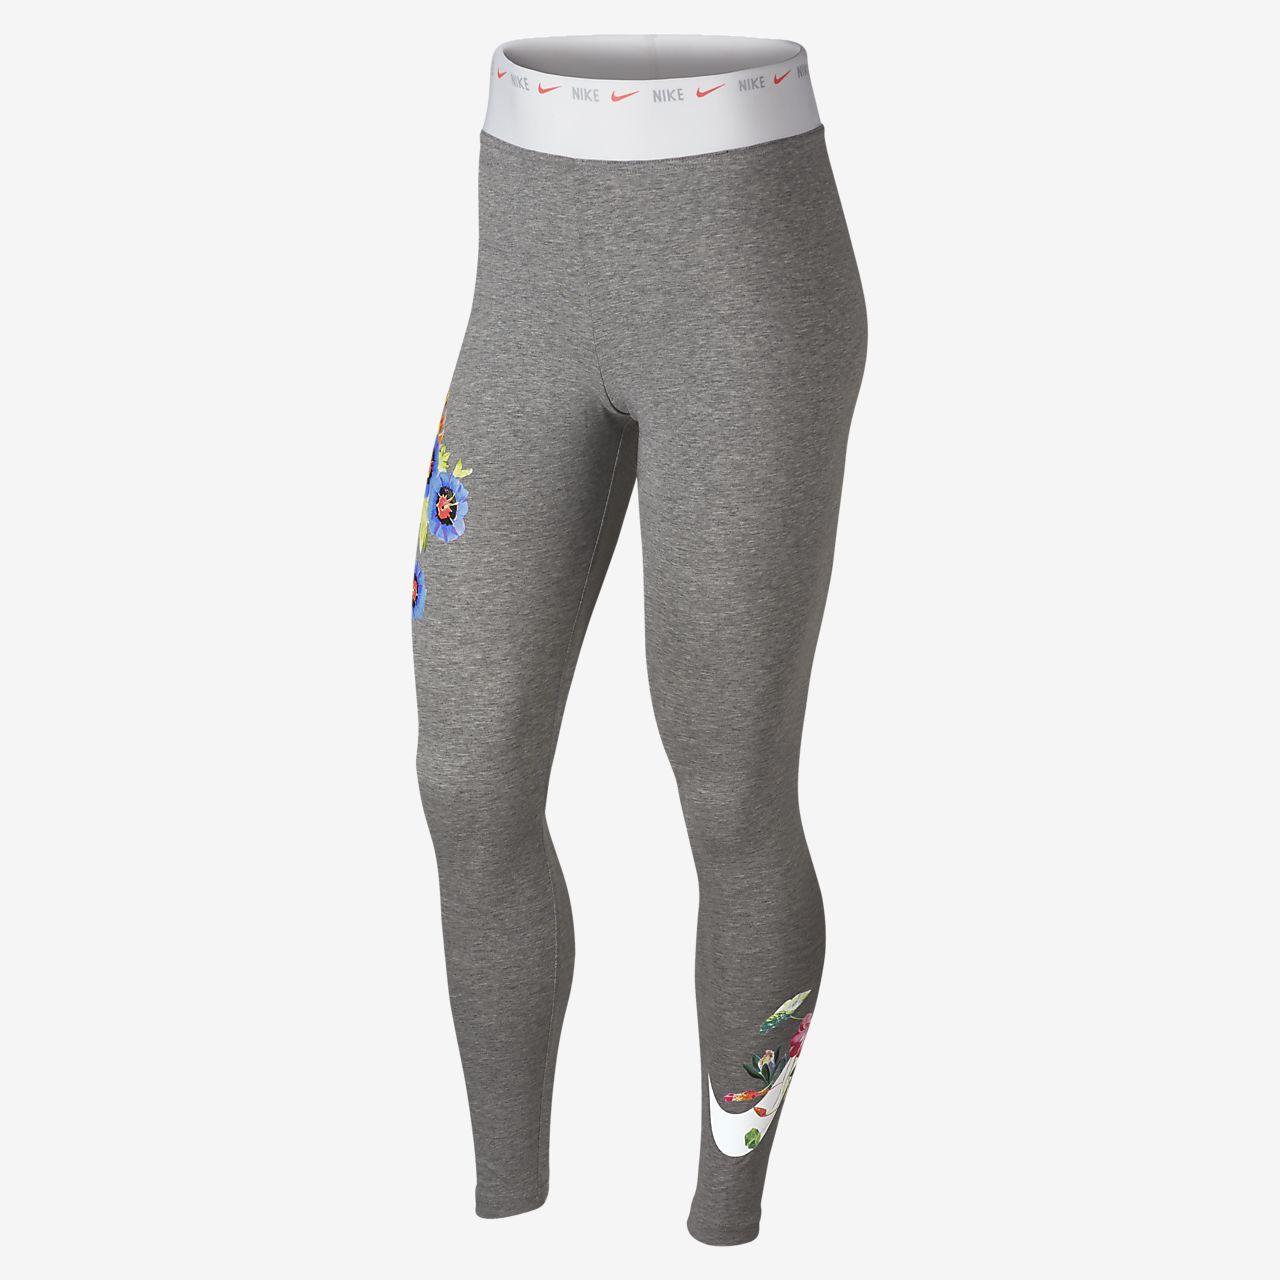 Nike Sportswear Damen-Leggings mit Grafik